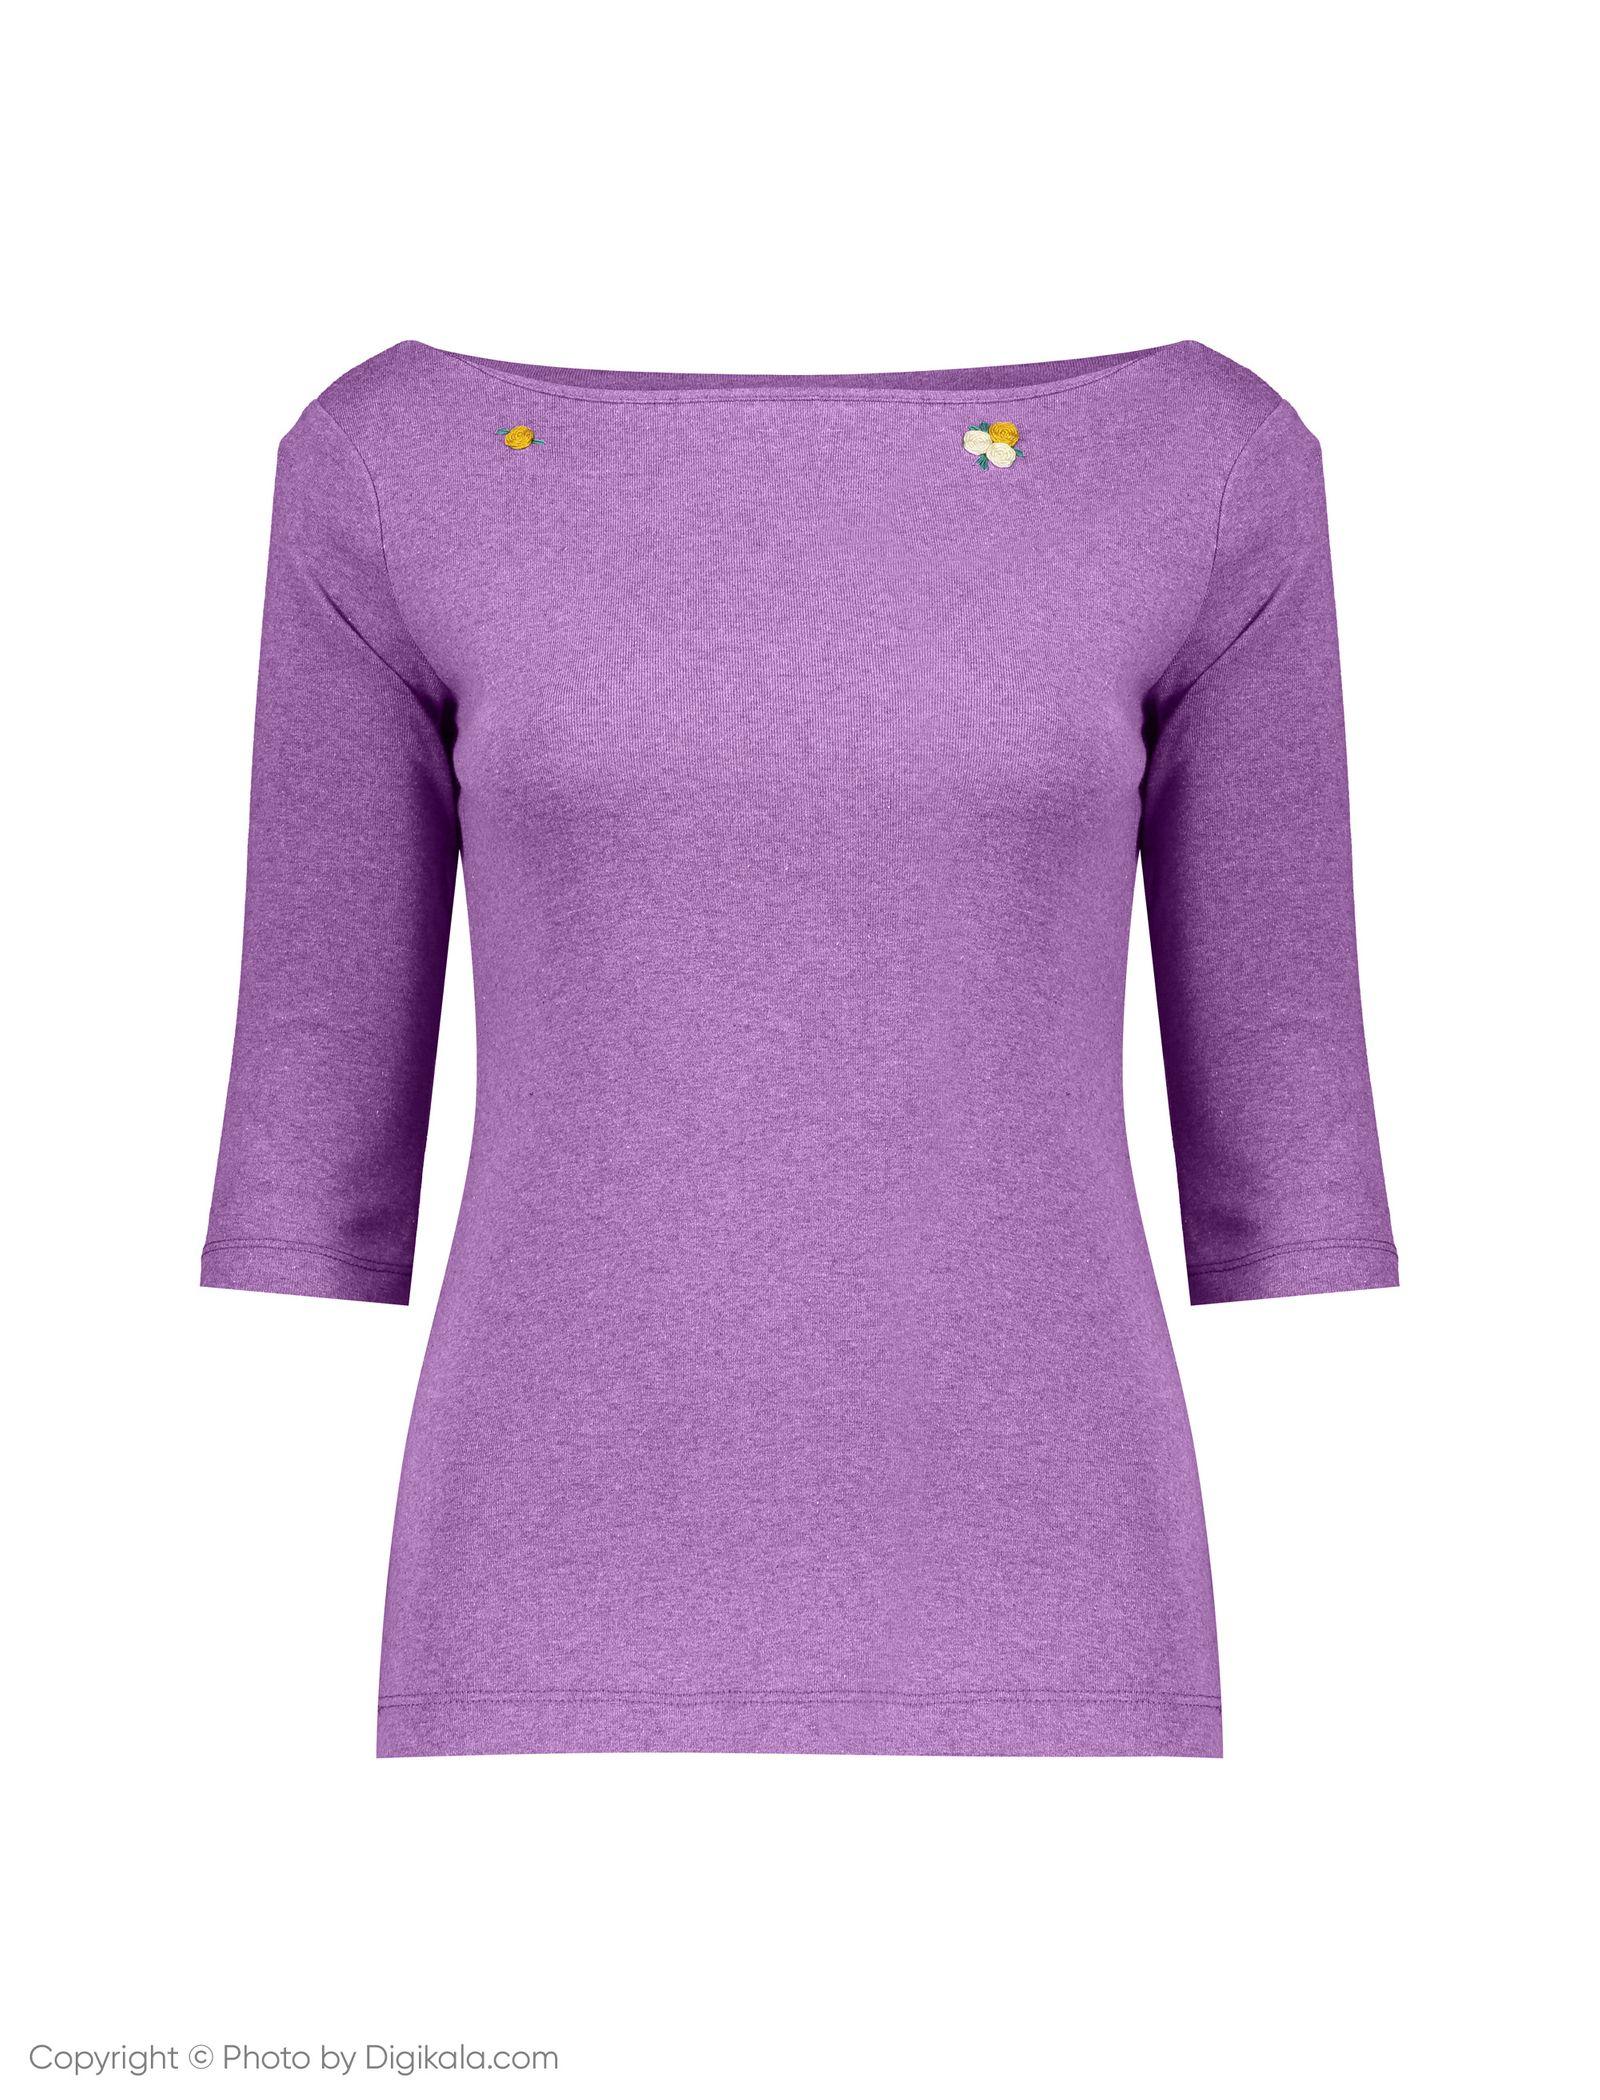 تی شرت زنانه گارودی مدل 1003113012-75 -  - 1